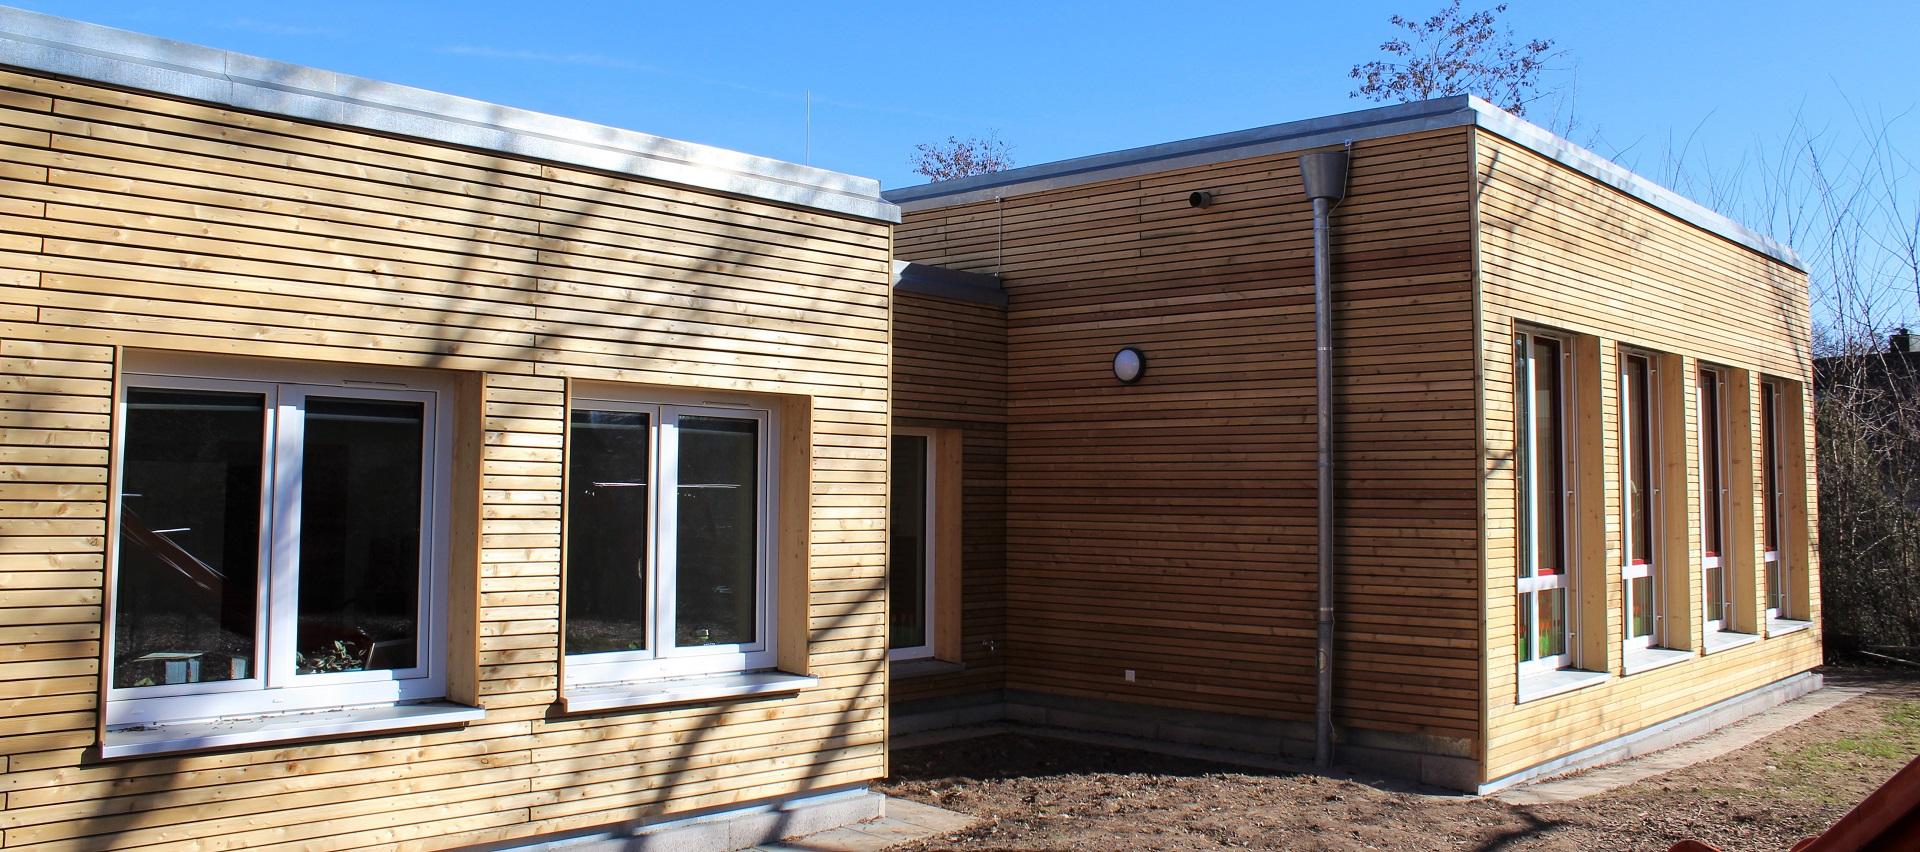 Firma Steinmetz GmbH Fassade aus Sib. Lärche bei Holz-Hauff GmbH in Leingarten